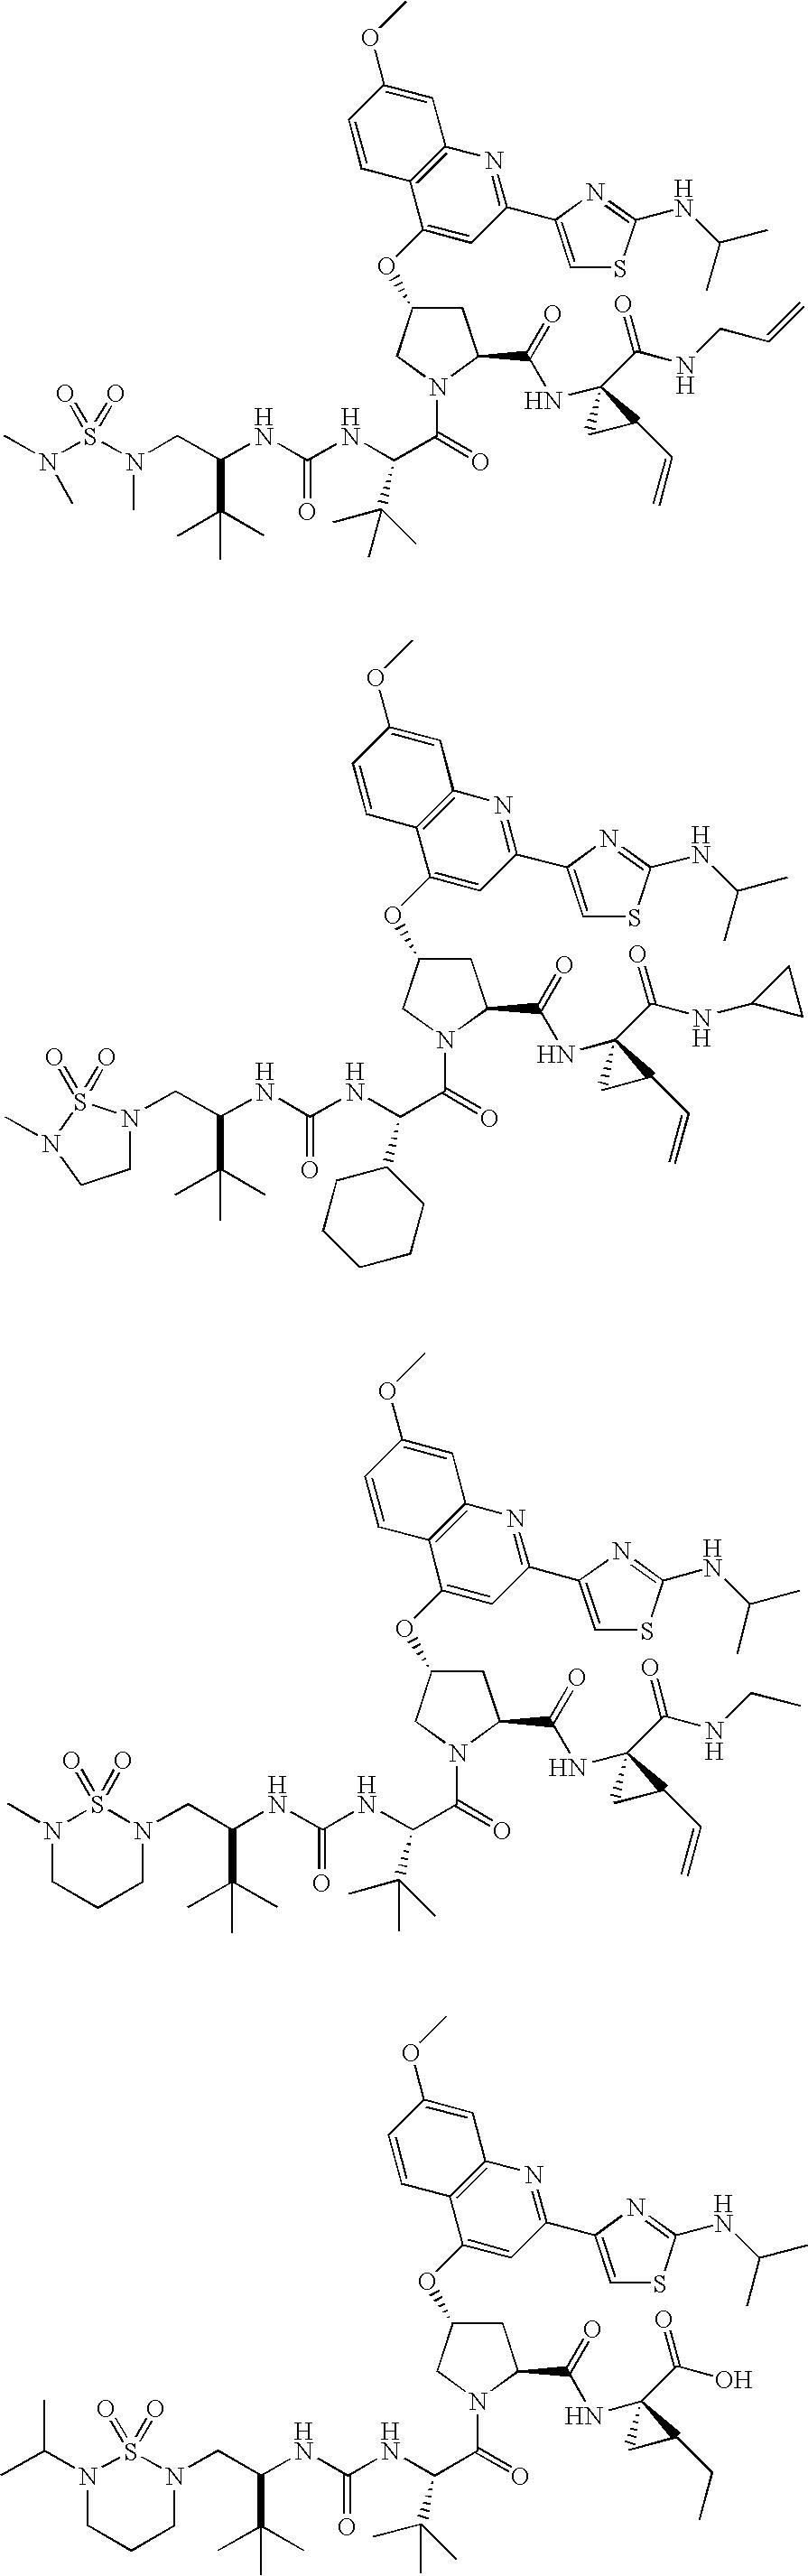 Figure US20060287248A1-20061221-C00191